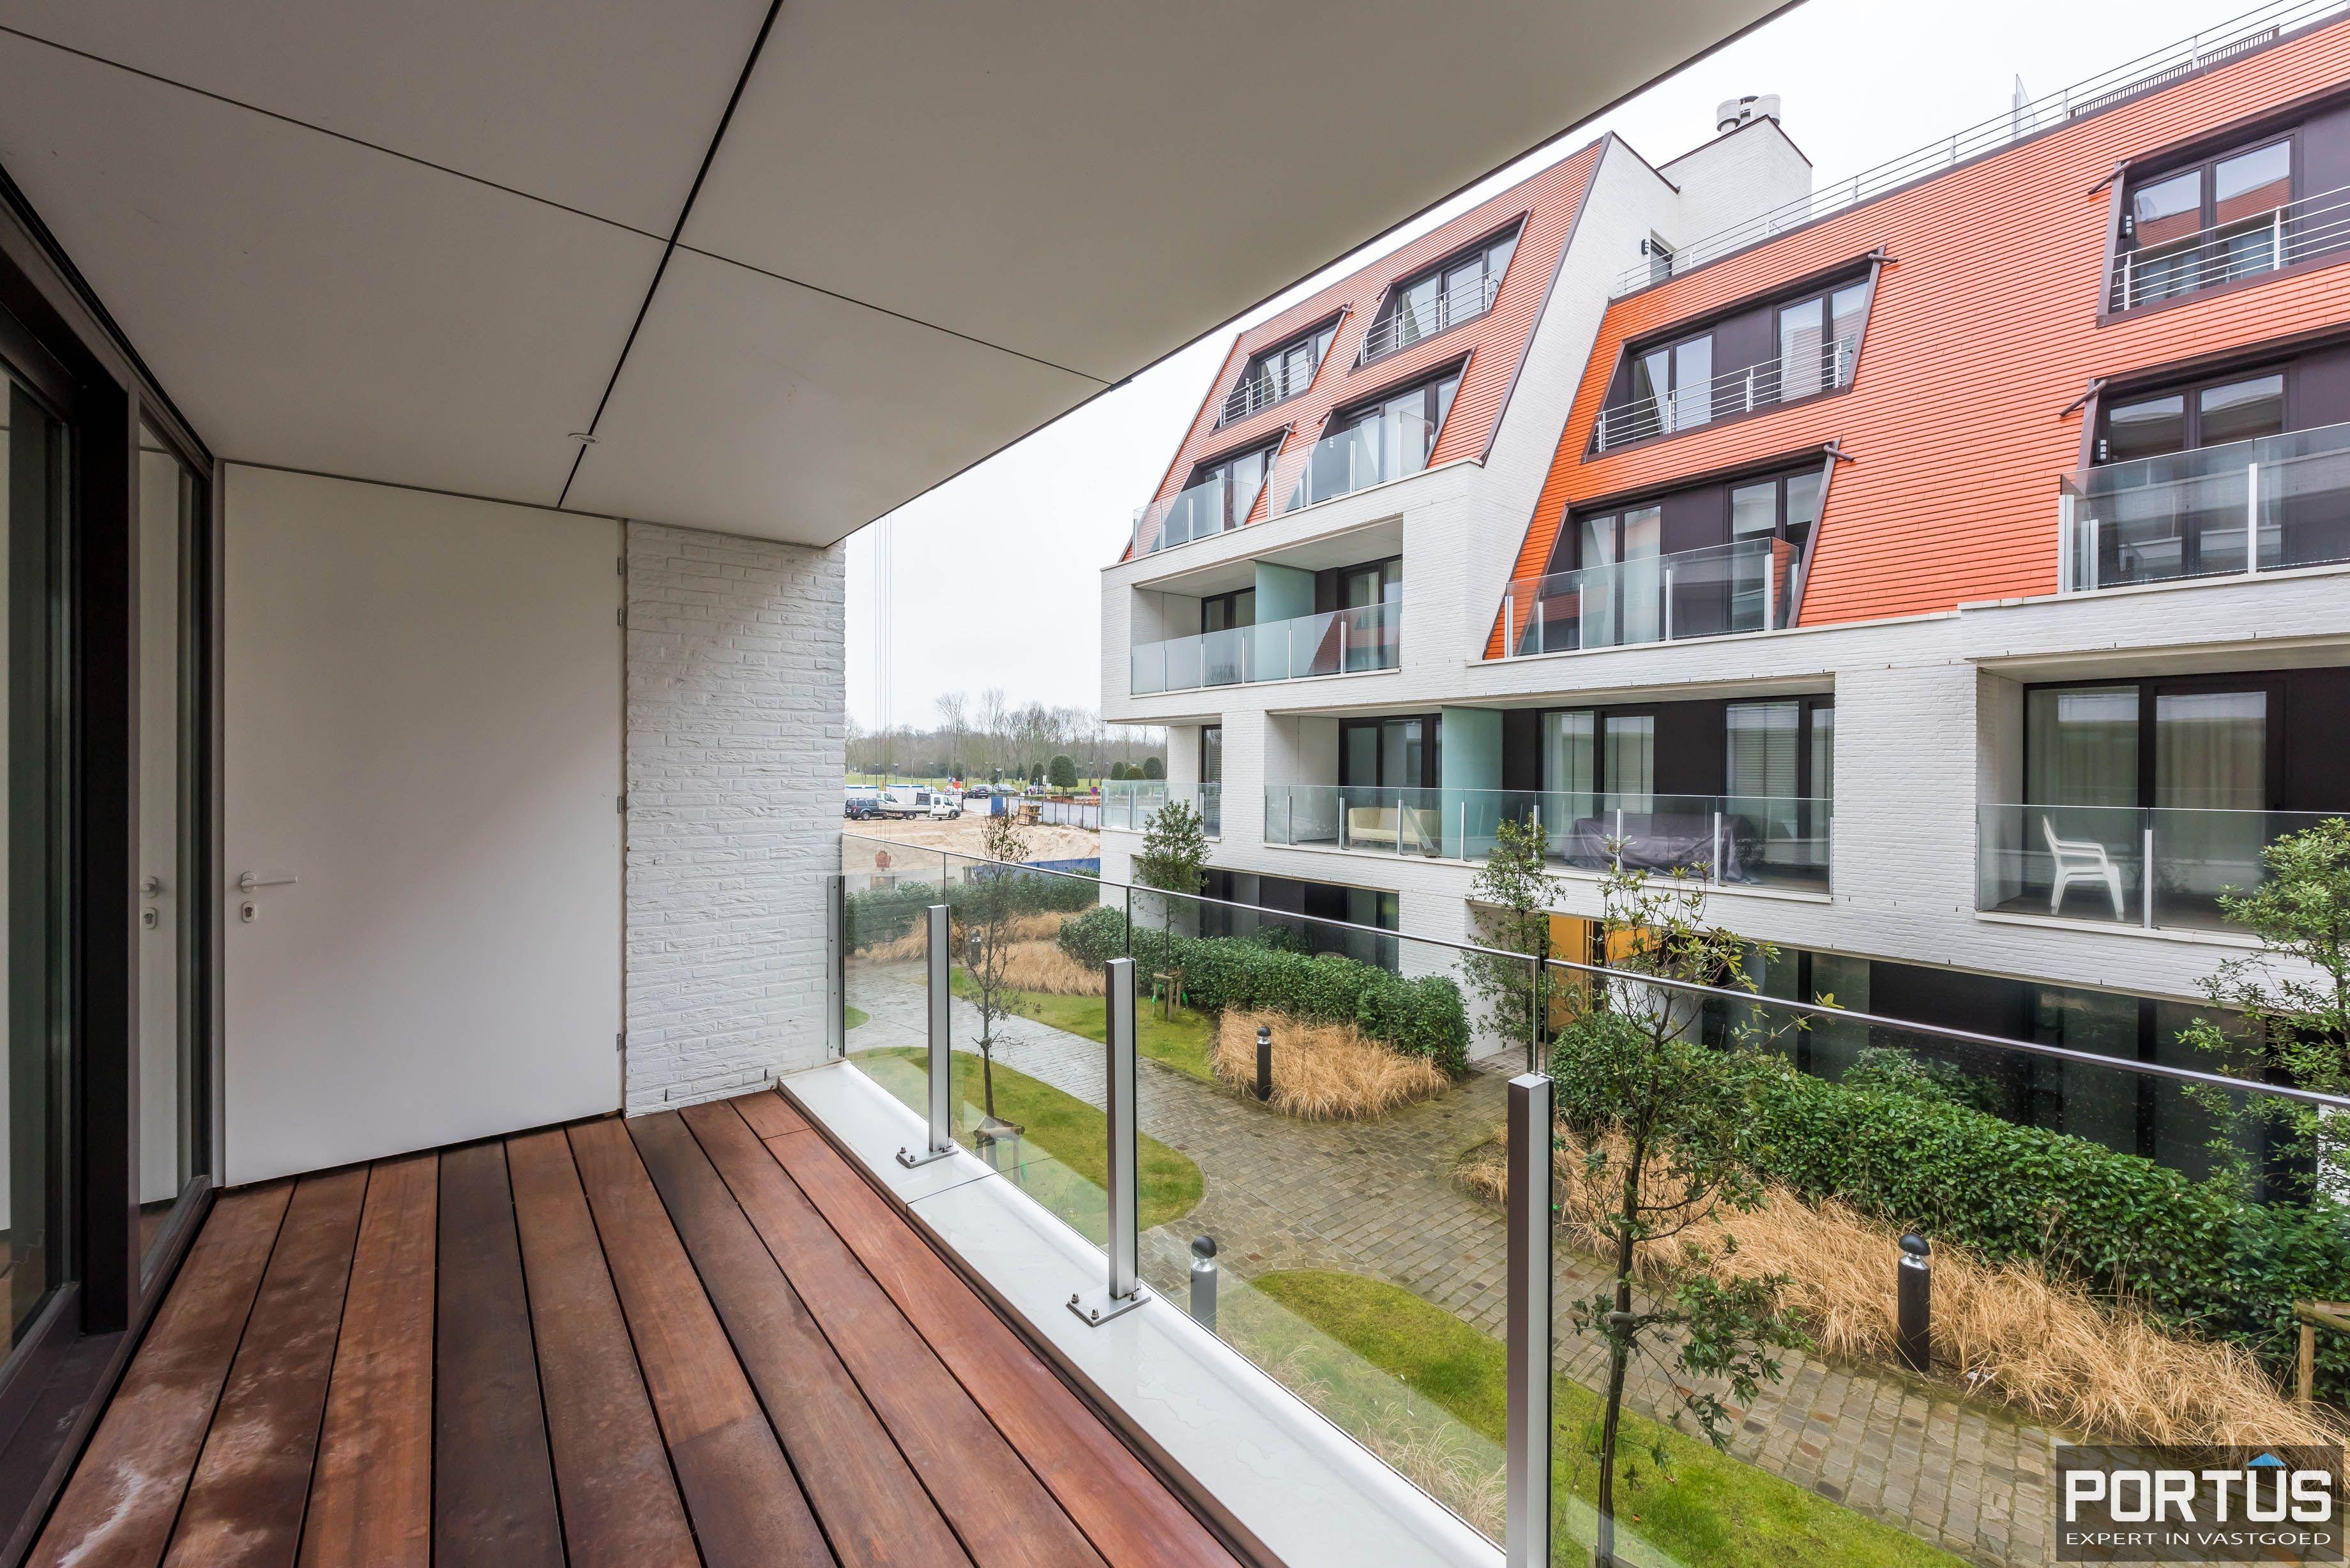 Appartement met 2 slaapkamers te koop Nieuwpoort - 5559